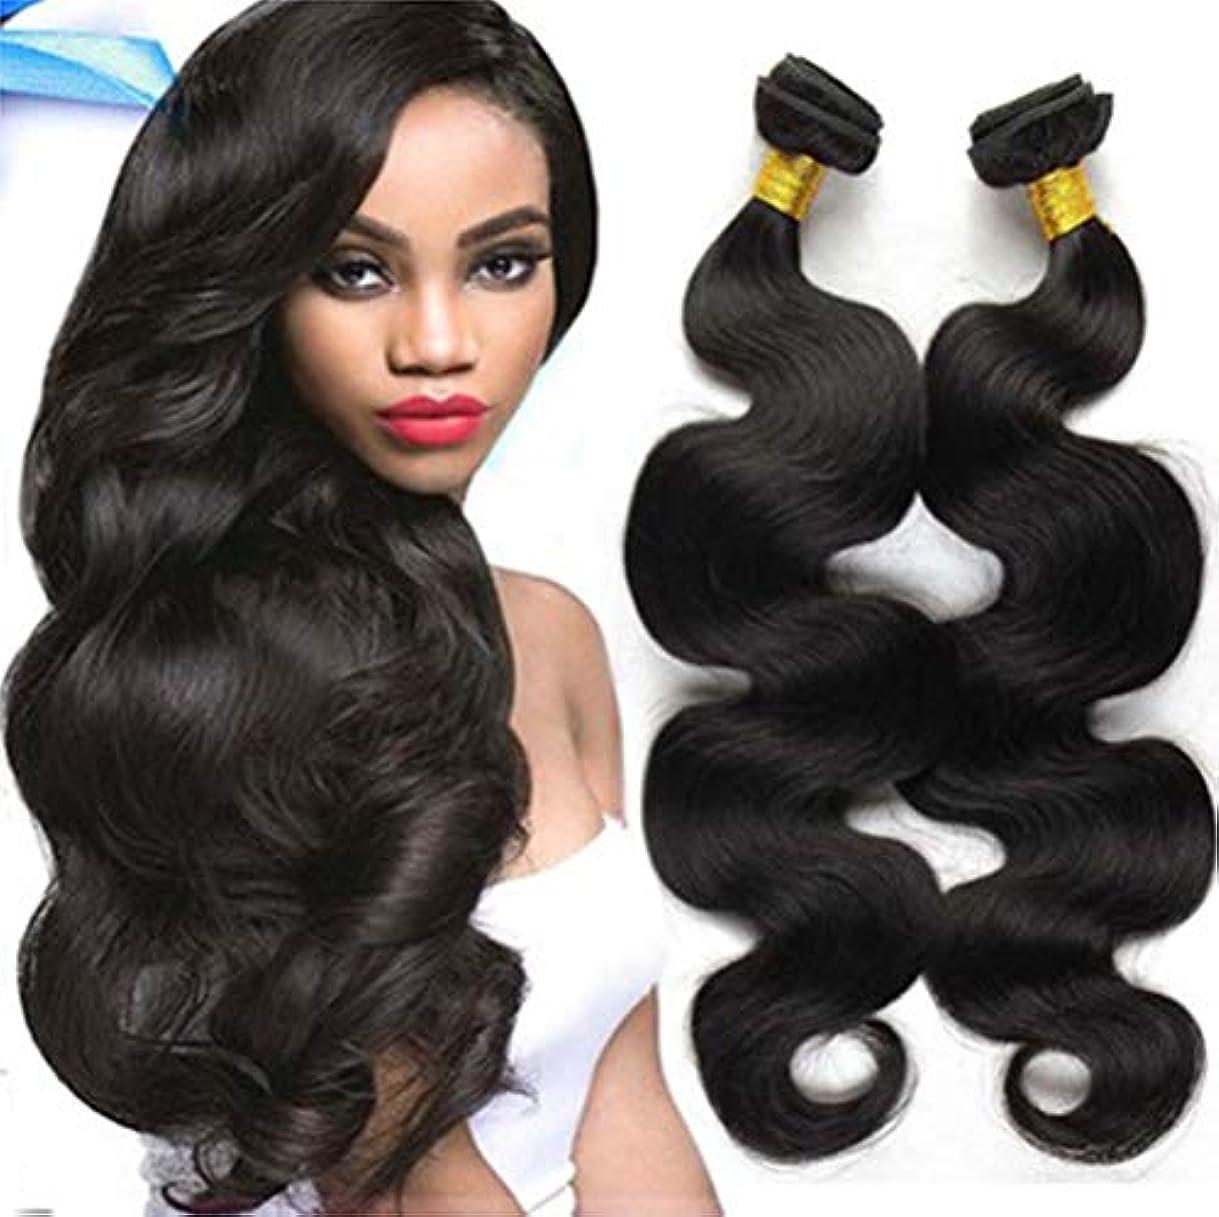 既にバトル突破口女性8Aバージンヘアバンドル閉鎖ブラジル髪バンドル閉鎖ブラジル実体波閉鎖人間の髪の毛